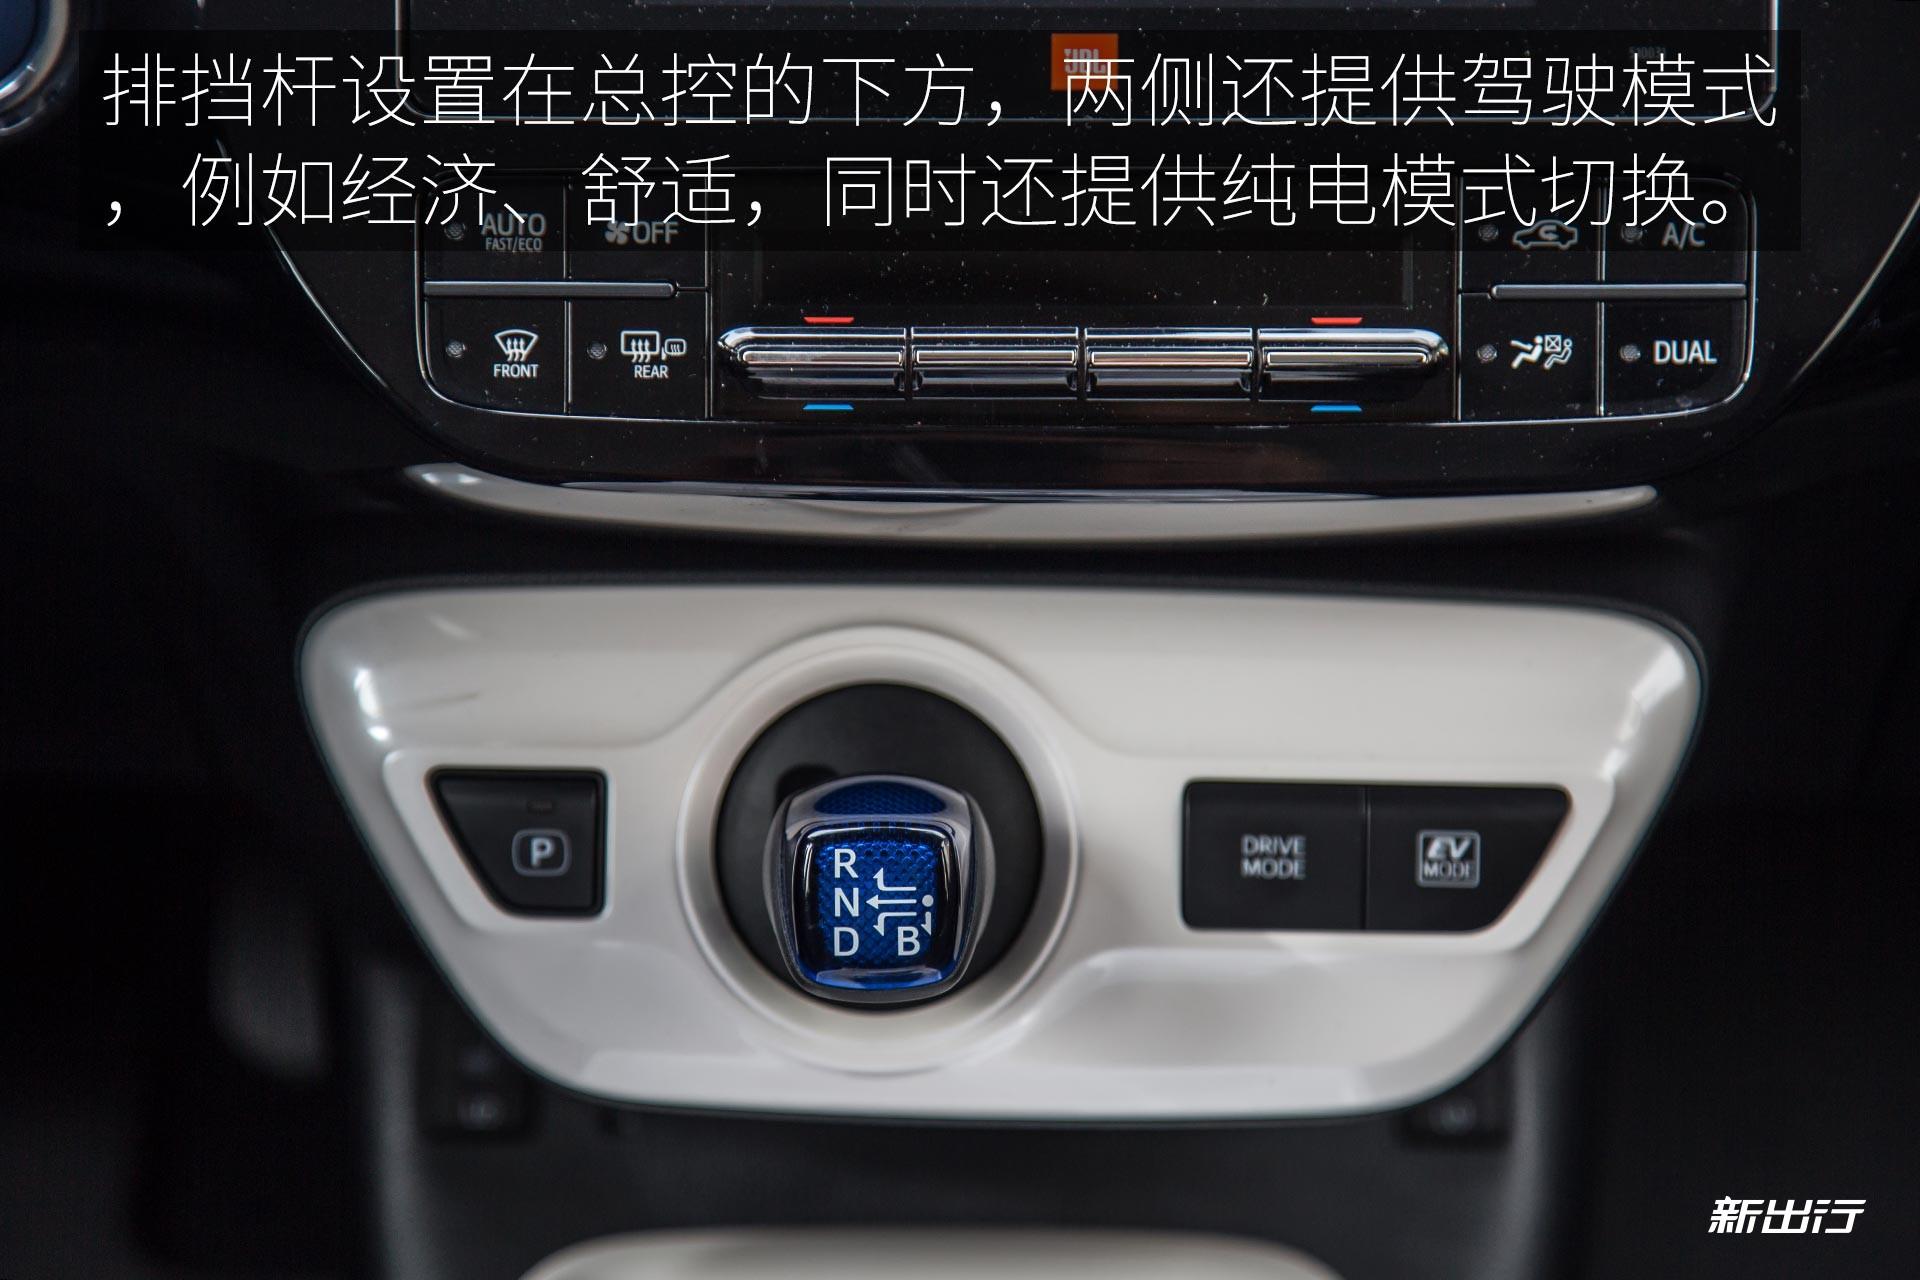 TOYOTA_Prius_4th_NS_12_01.jpg